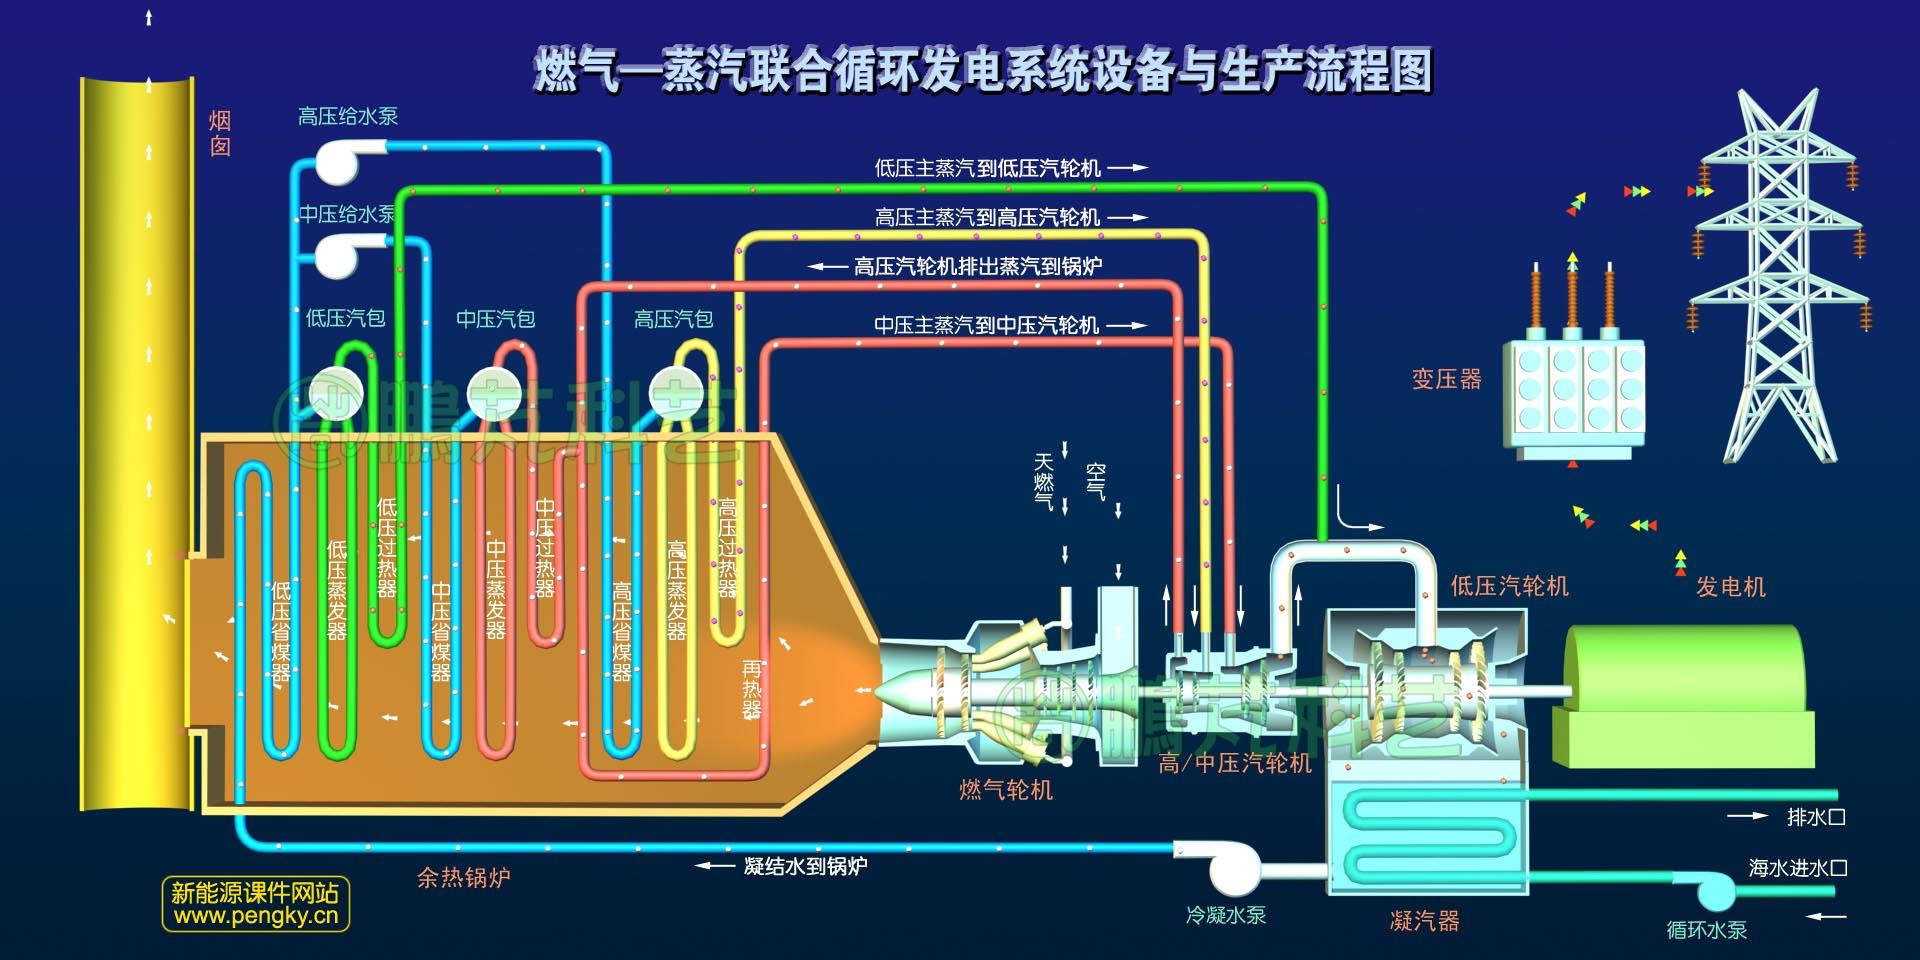 天然气使用步骤图解